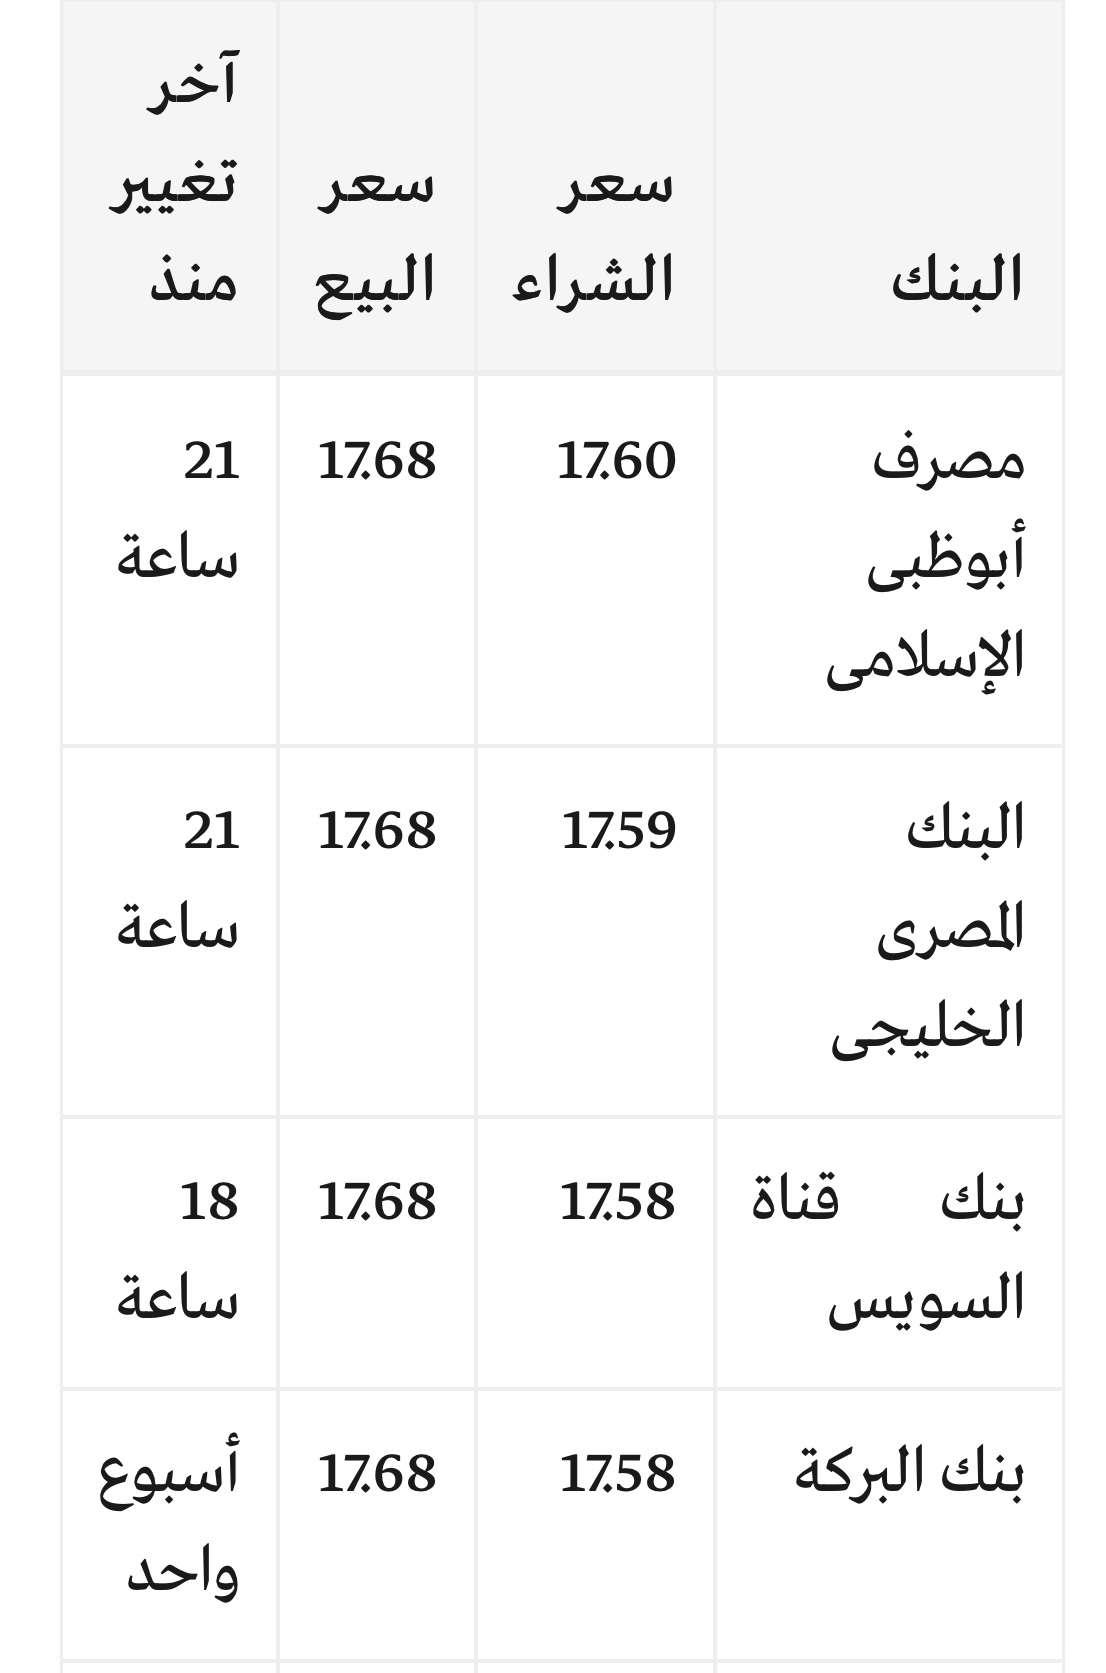 سعر الدولار اليوم الأربعاء 14/3/2018 جميع البنوك والسوق السوداء مقابل الجنيه في مصر